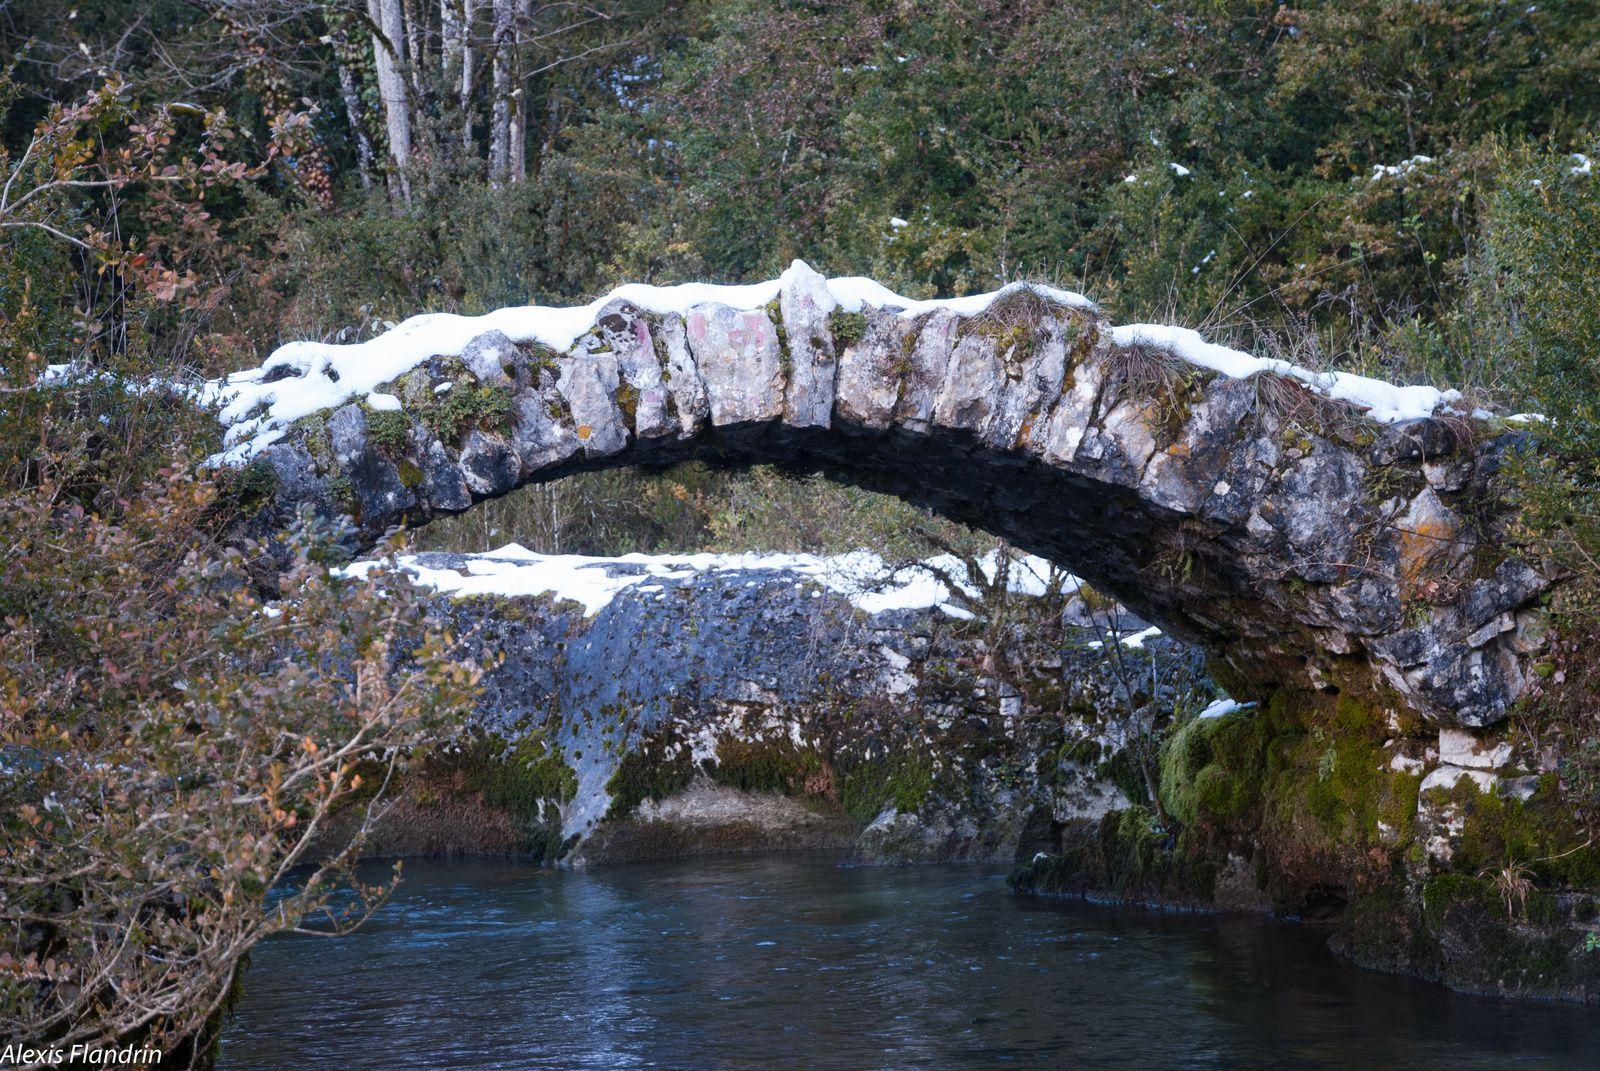 Le pont des fées, en haut de la cascade et un autre pont en pierres qui se situe plus en aval.